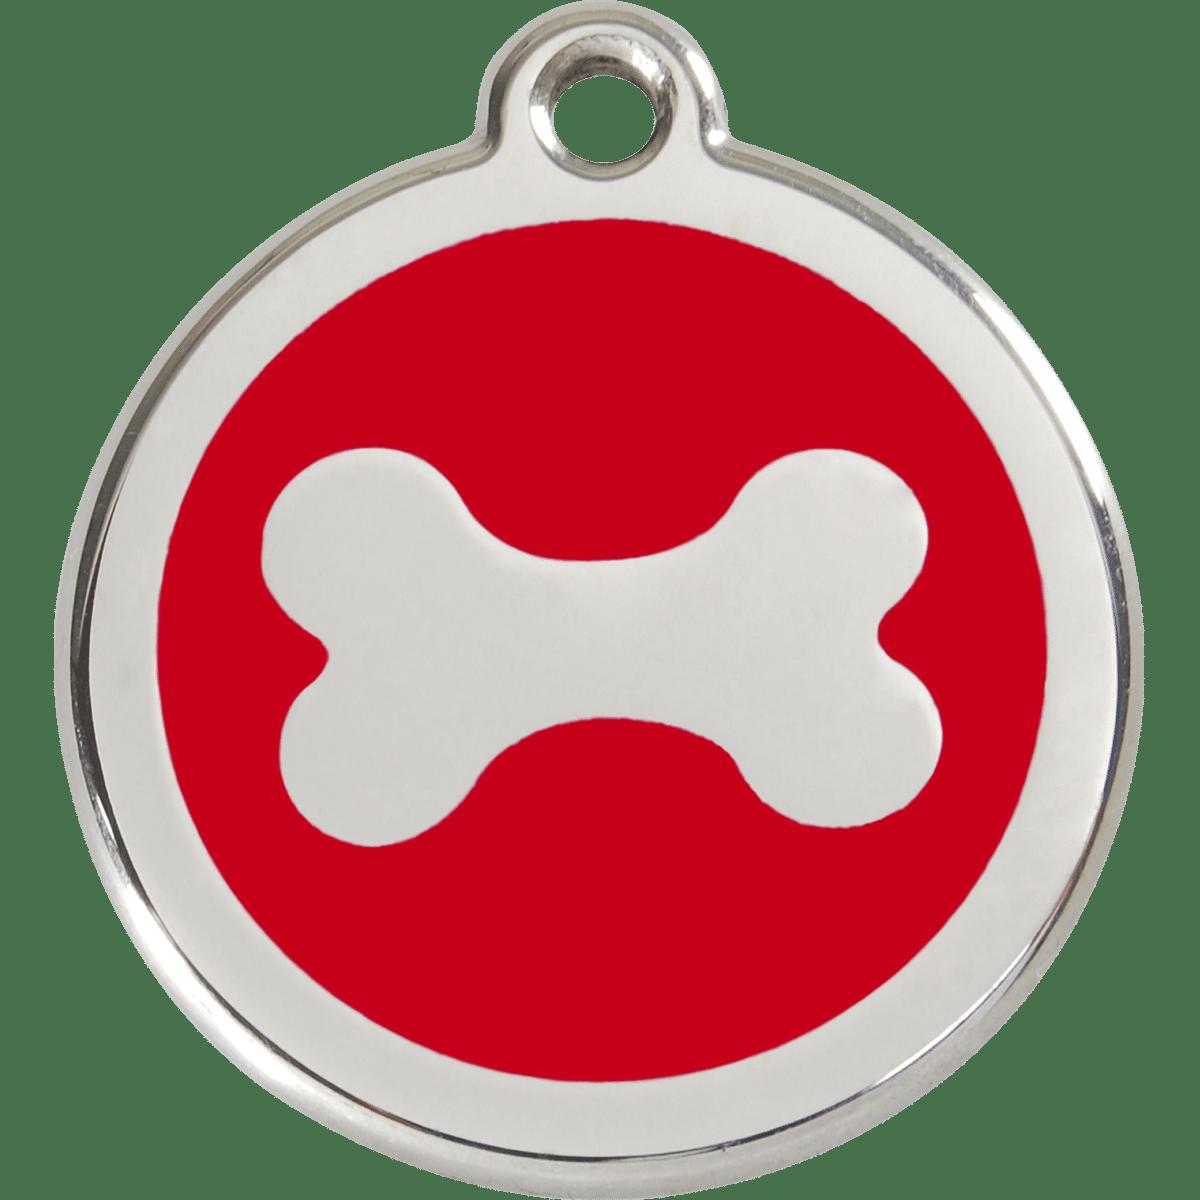 ID bricka i rostfritt stål med röd emalj